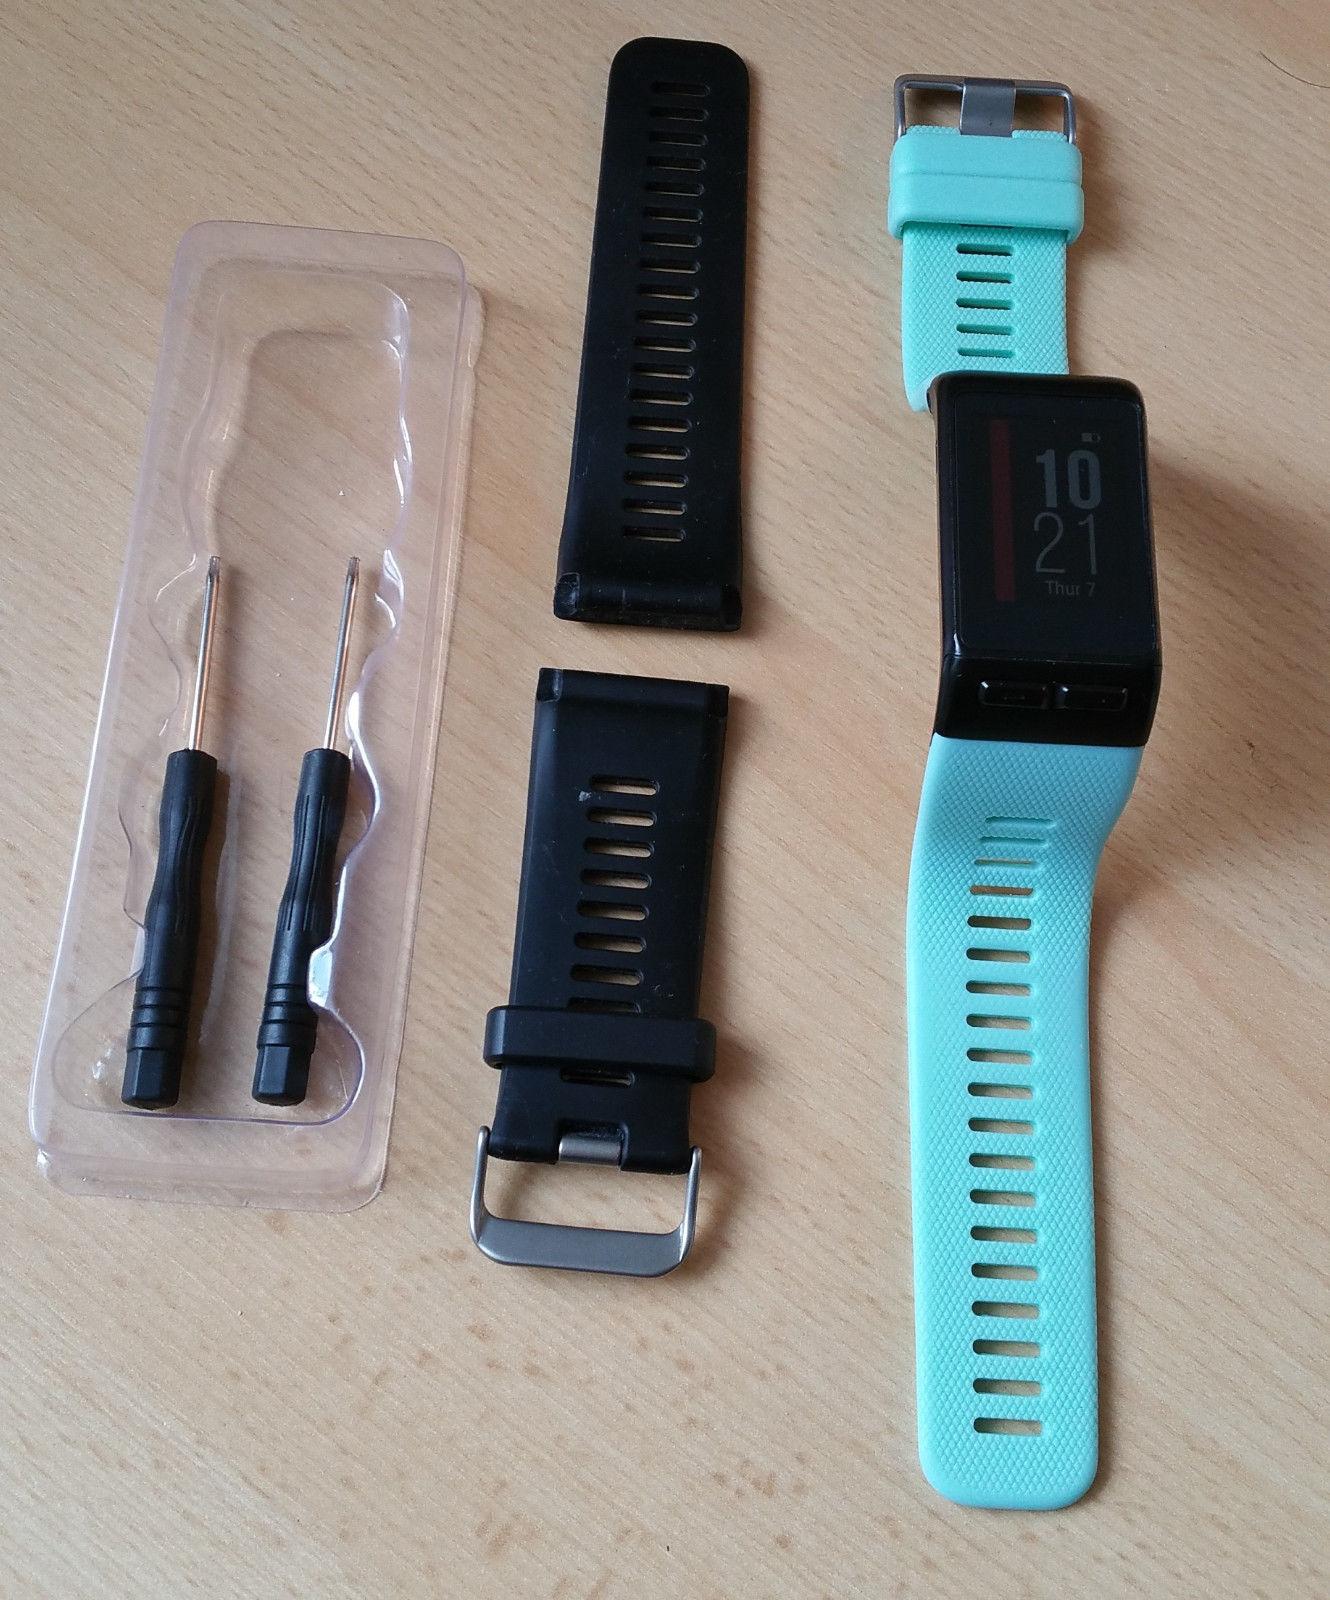 Garmin Vivoactive HR, GPS- Smartwatch mit vielen Funktionen  in gutem Zustand